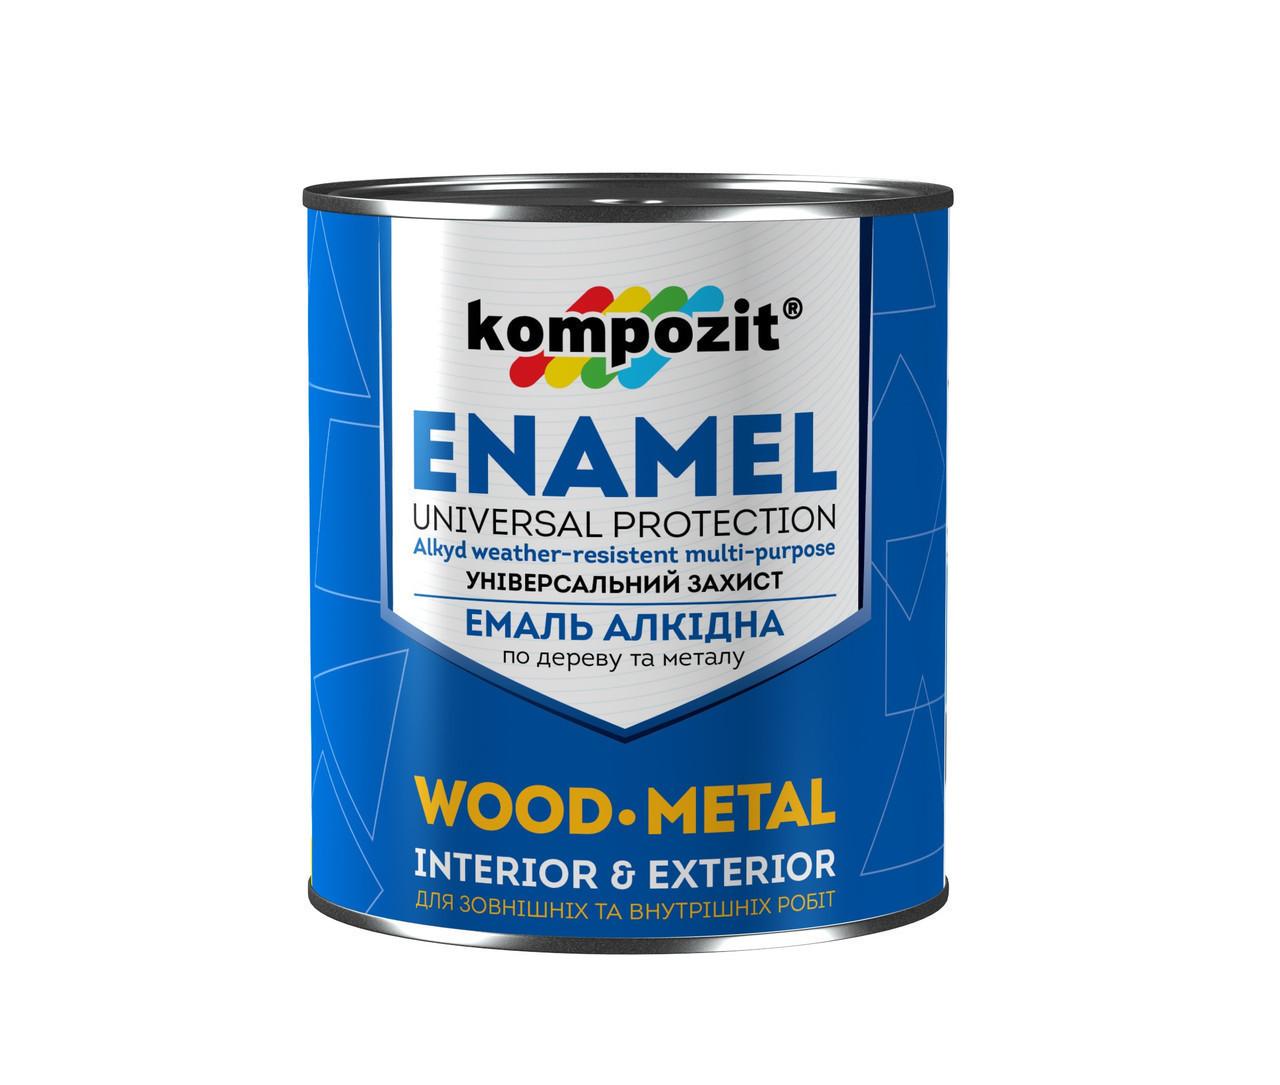 Емаль алкідна по дереву і металу Kompozit Enamel 0.9 кг Яскраво зелений